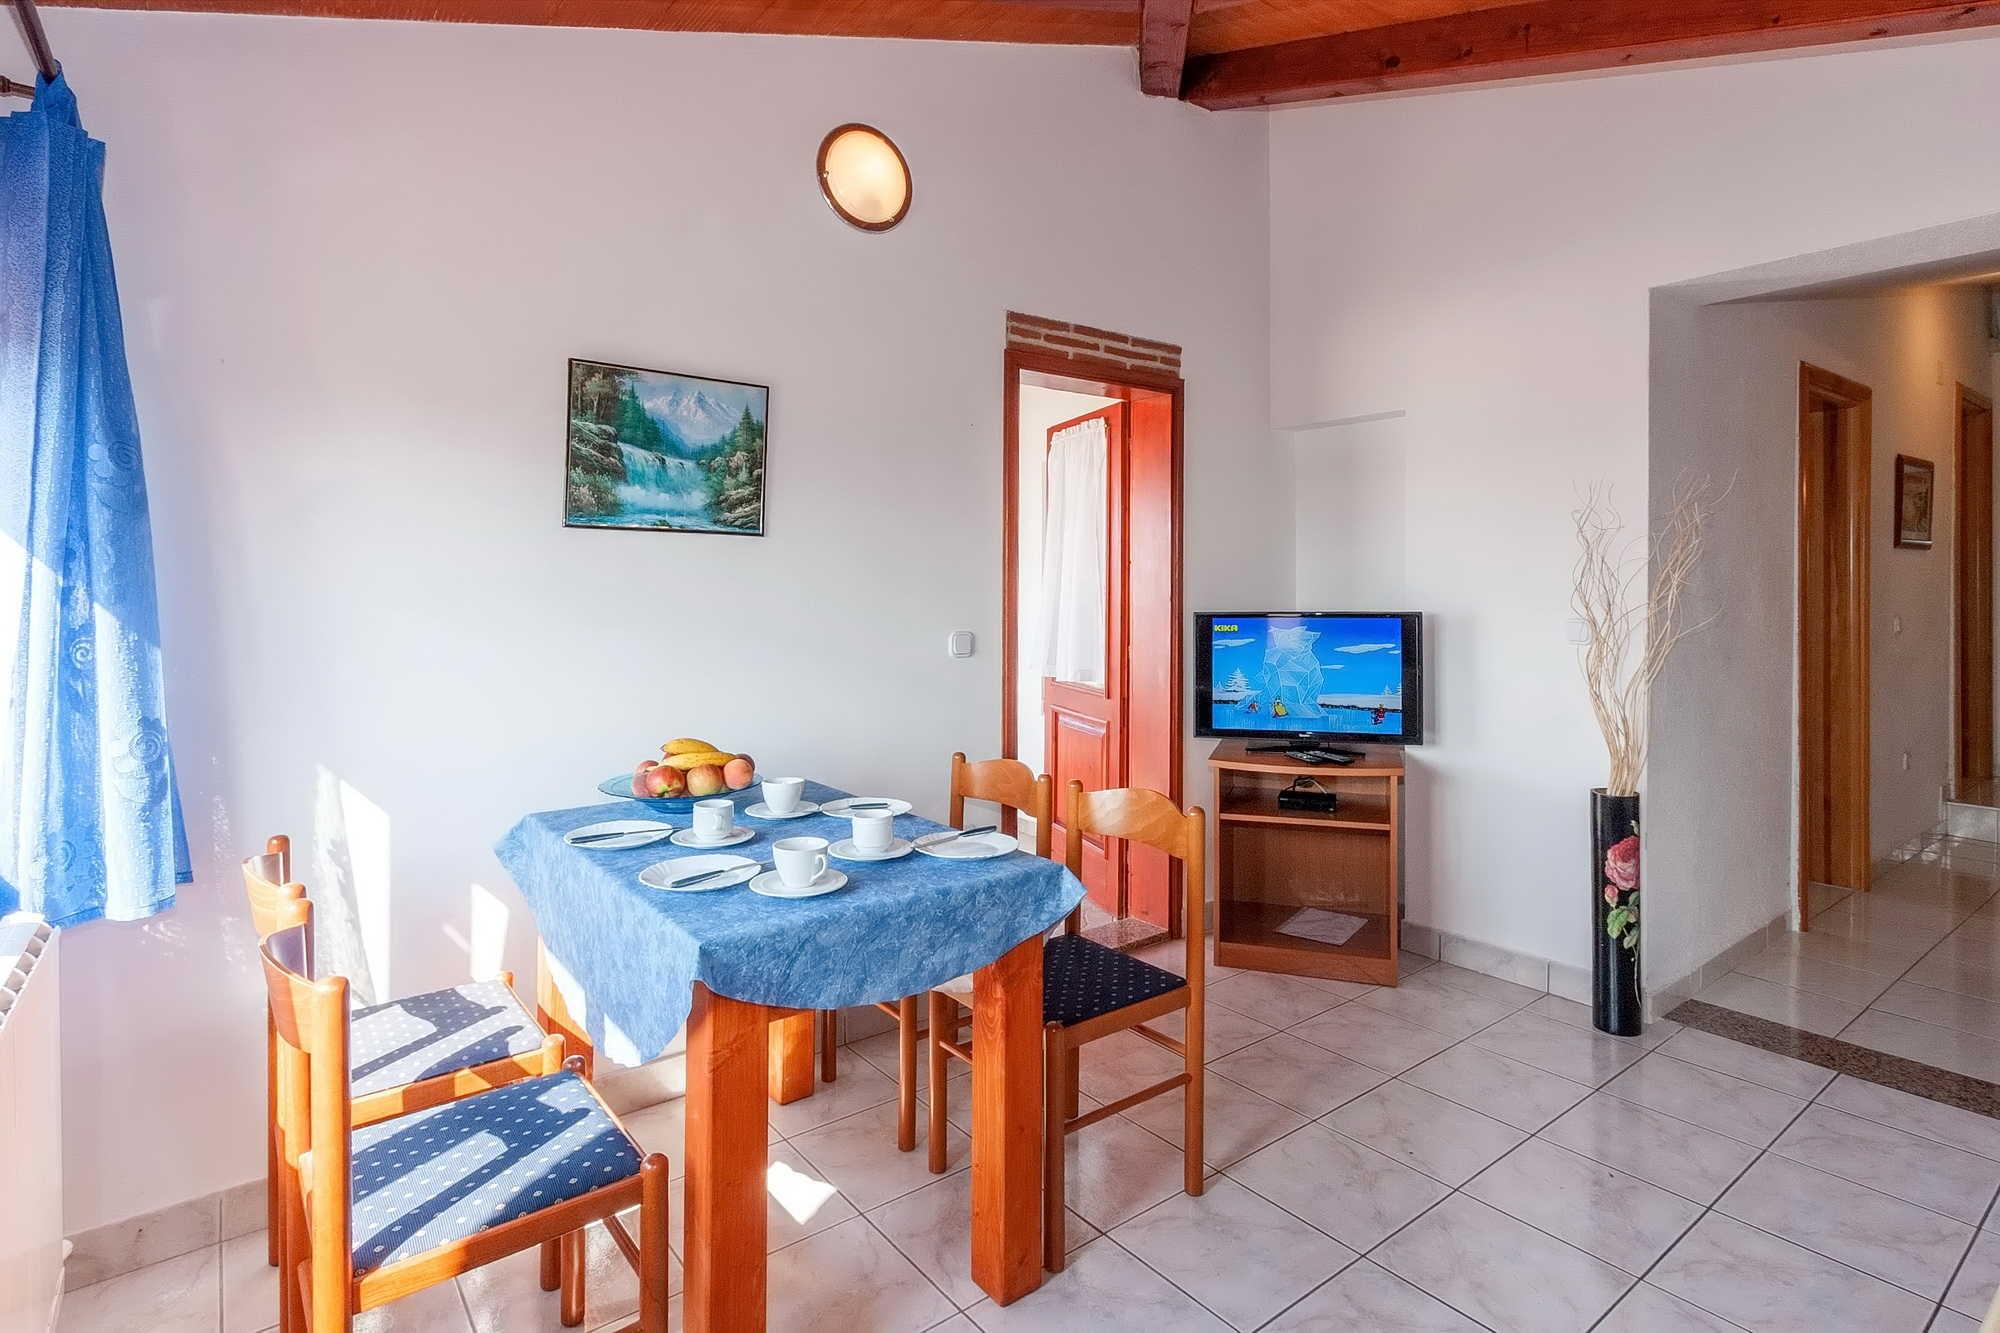 Küchen-Essbereich der Ferienwohnung